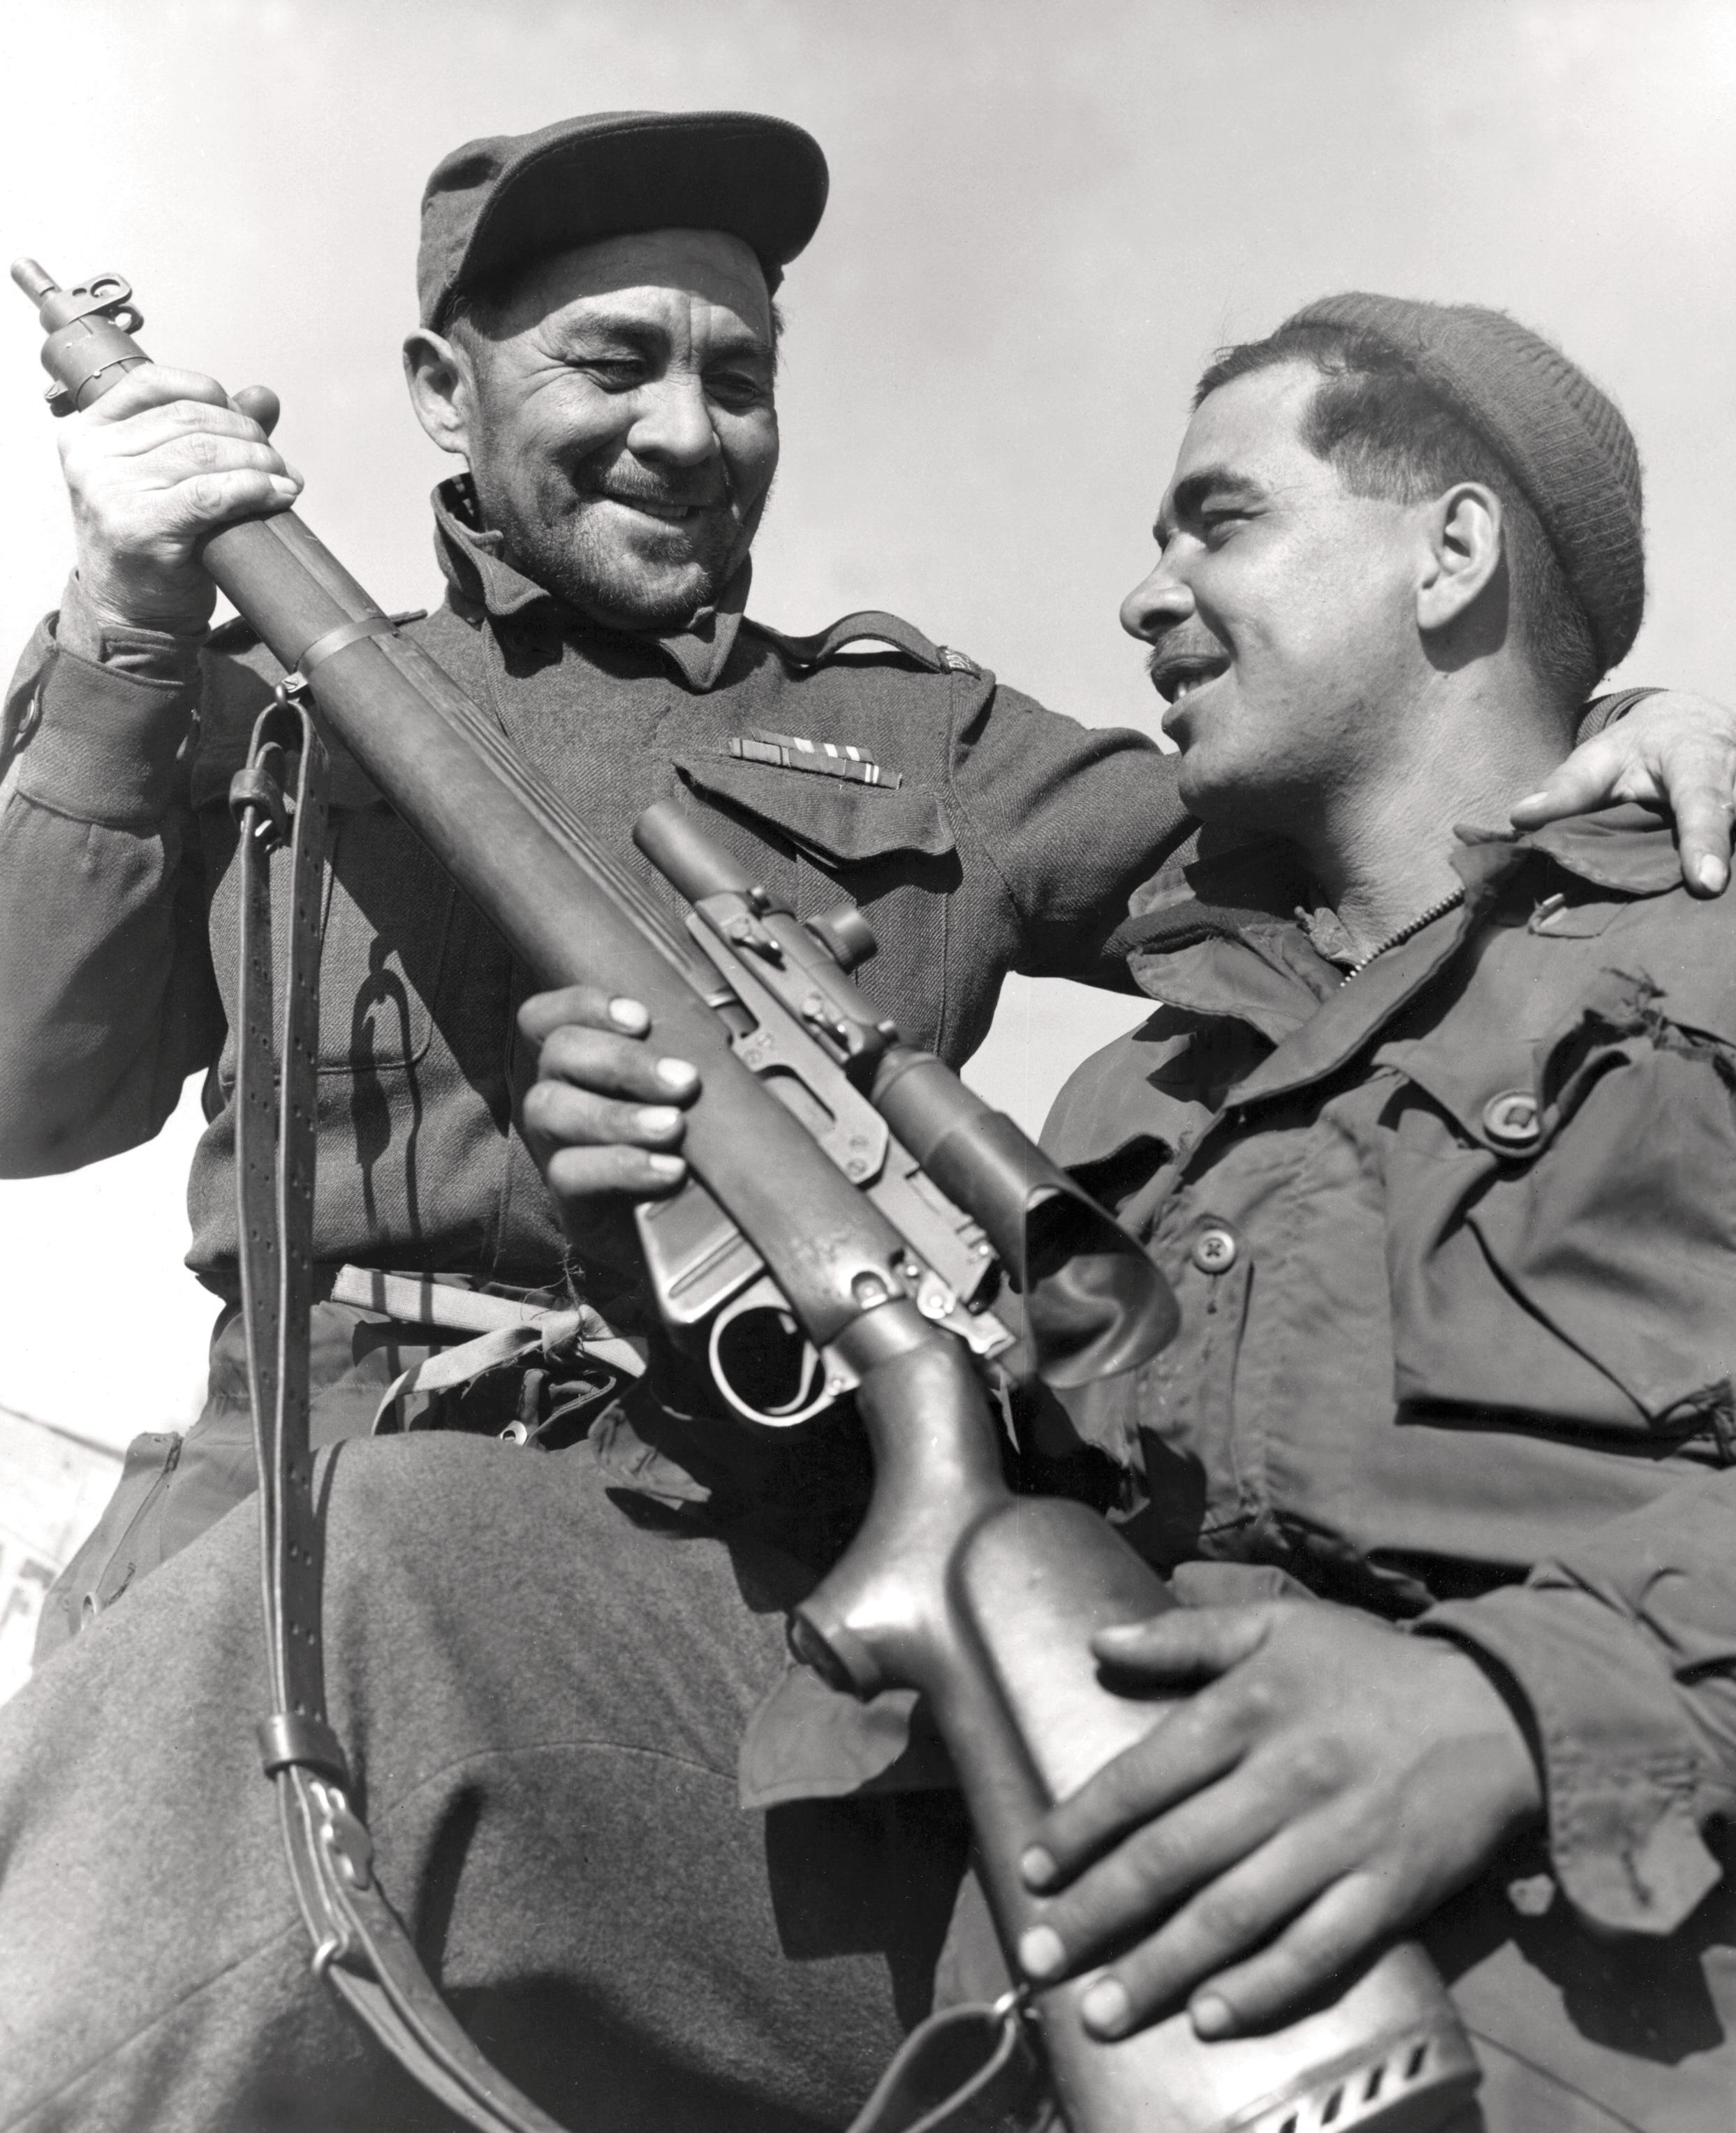 Historic Korean War Photo – Private John Wheeler And His Son